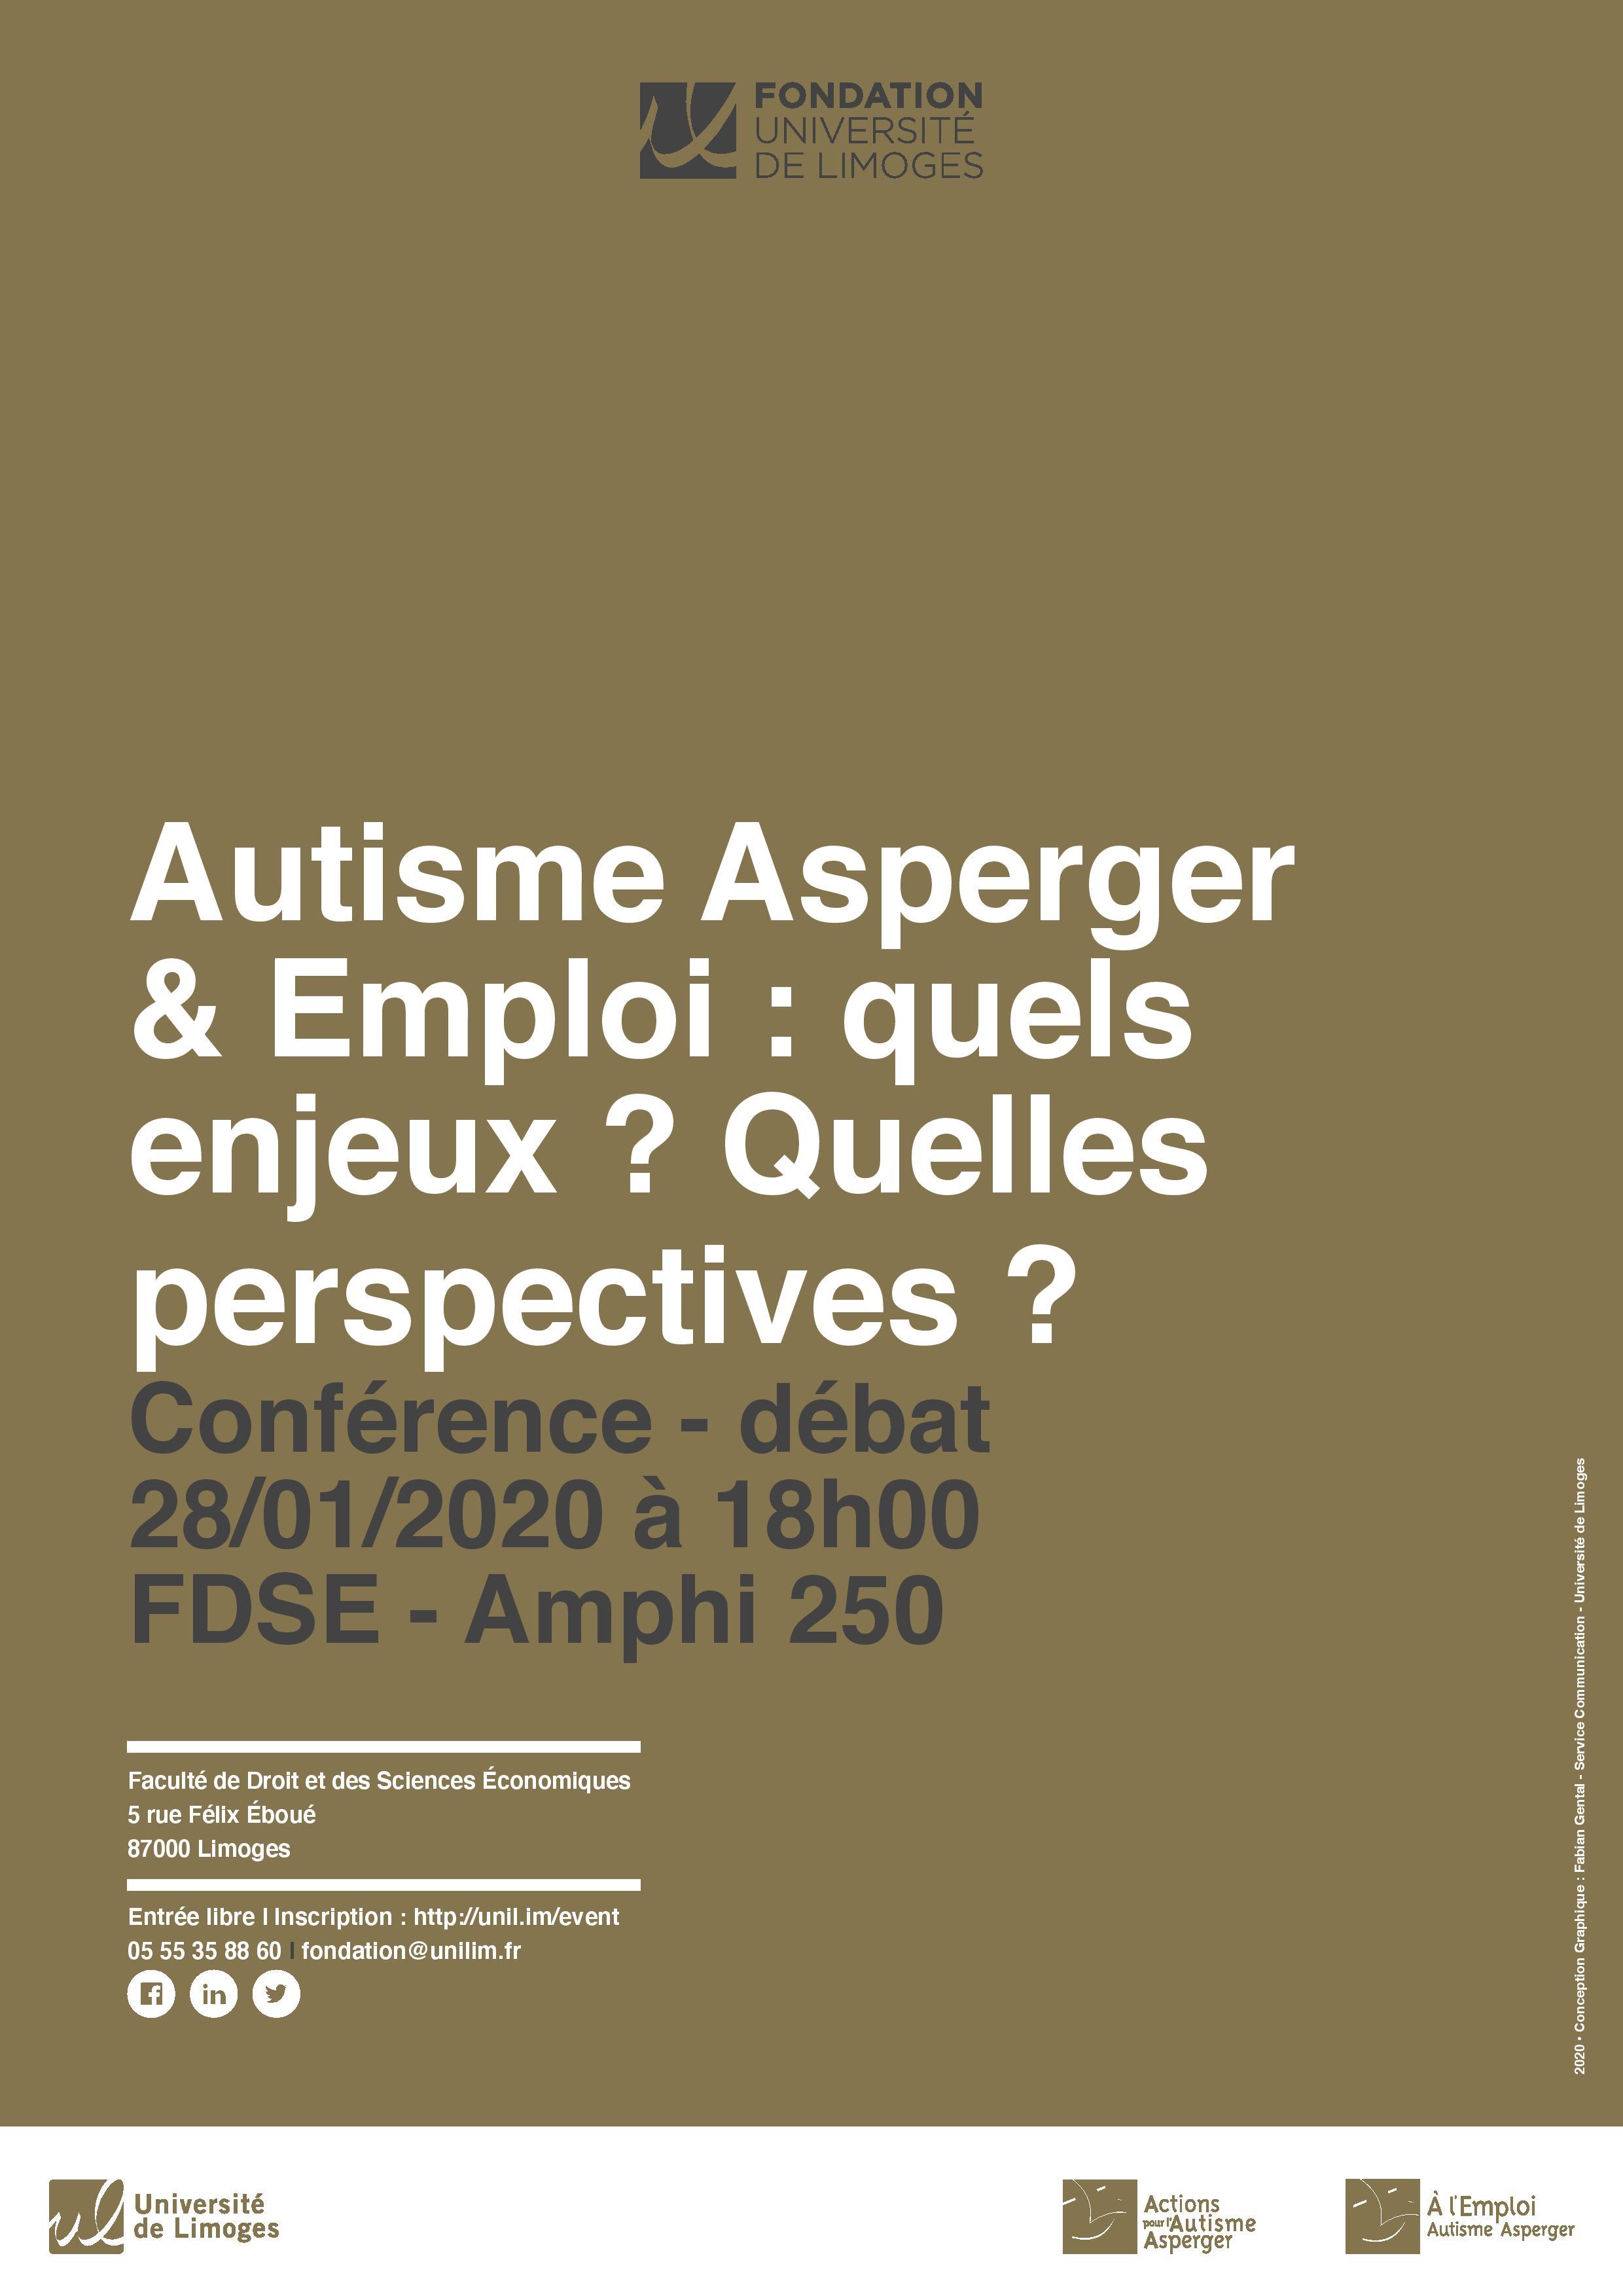 site de rencontre pour autiste asperger